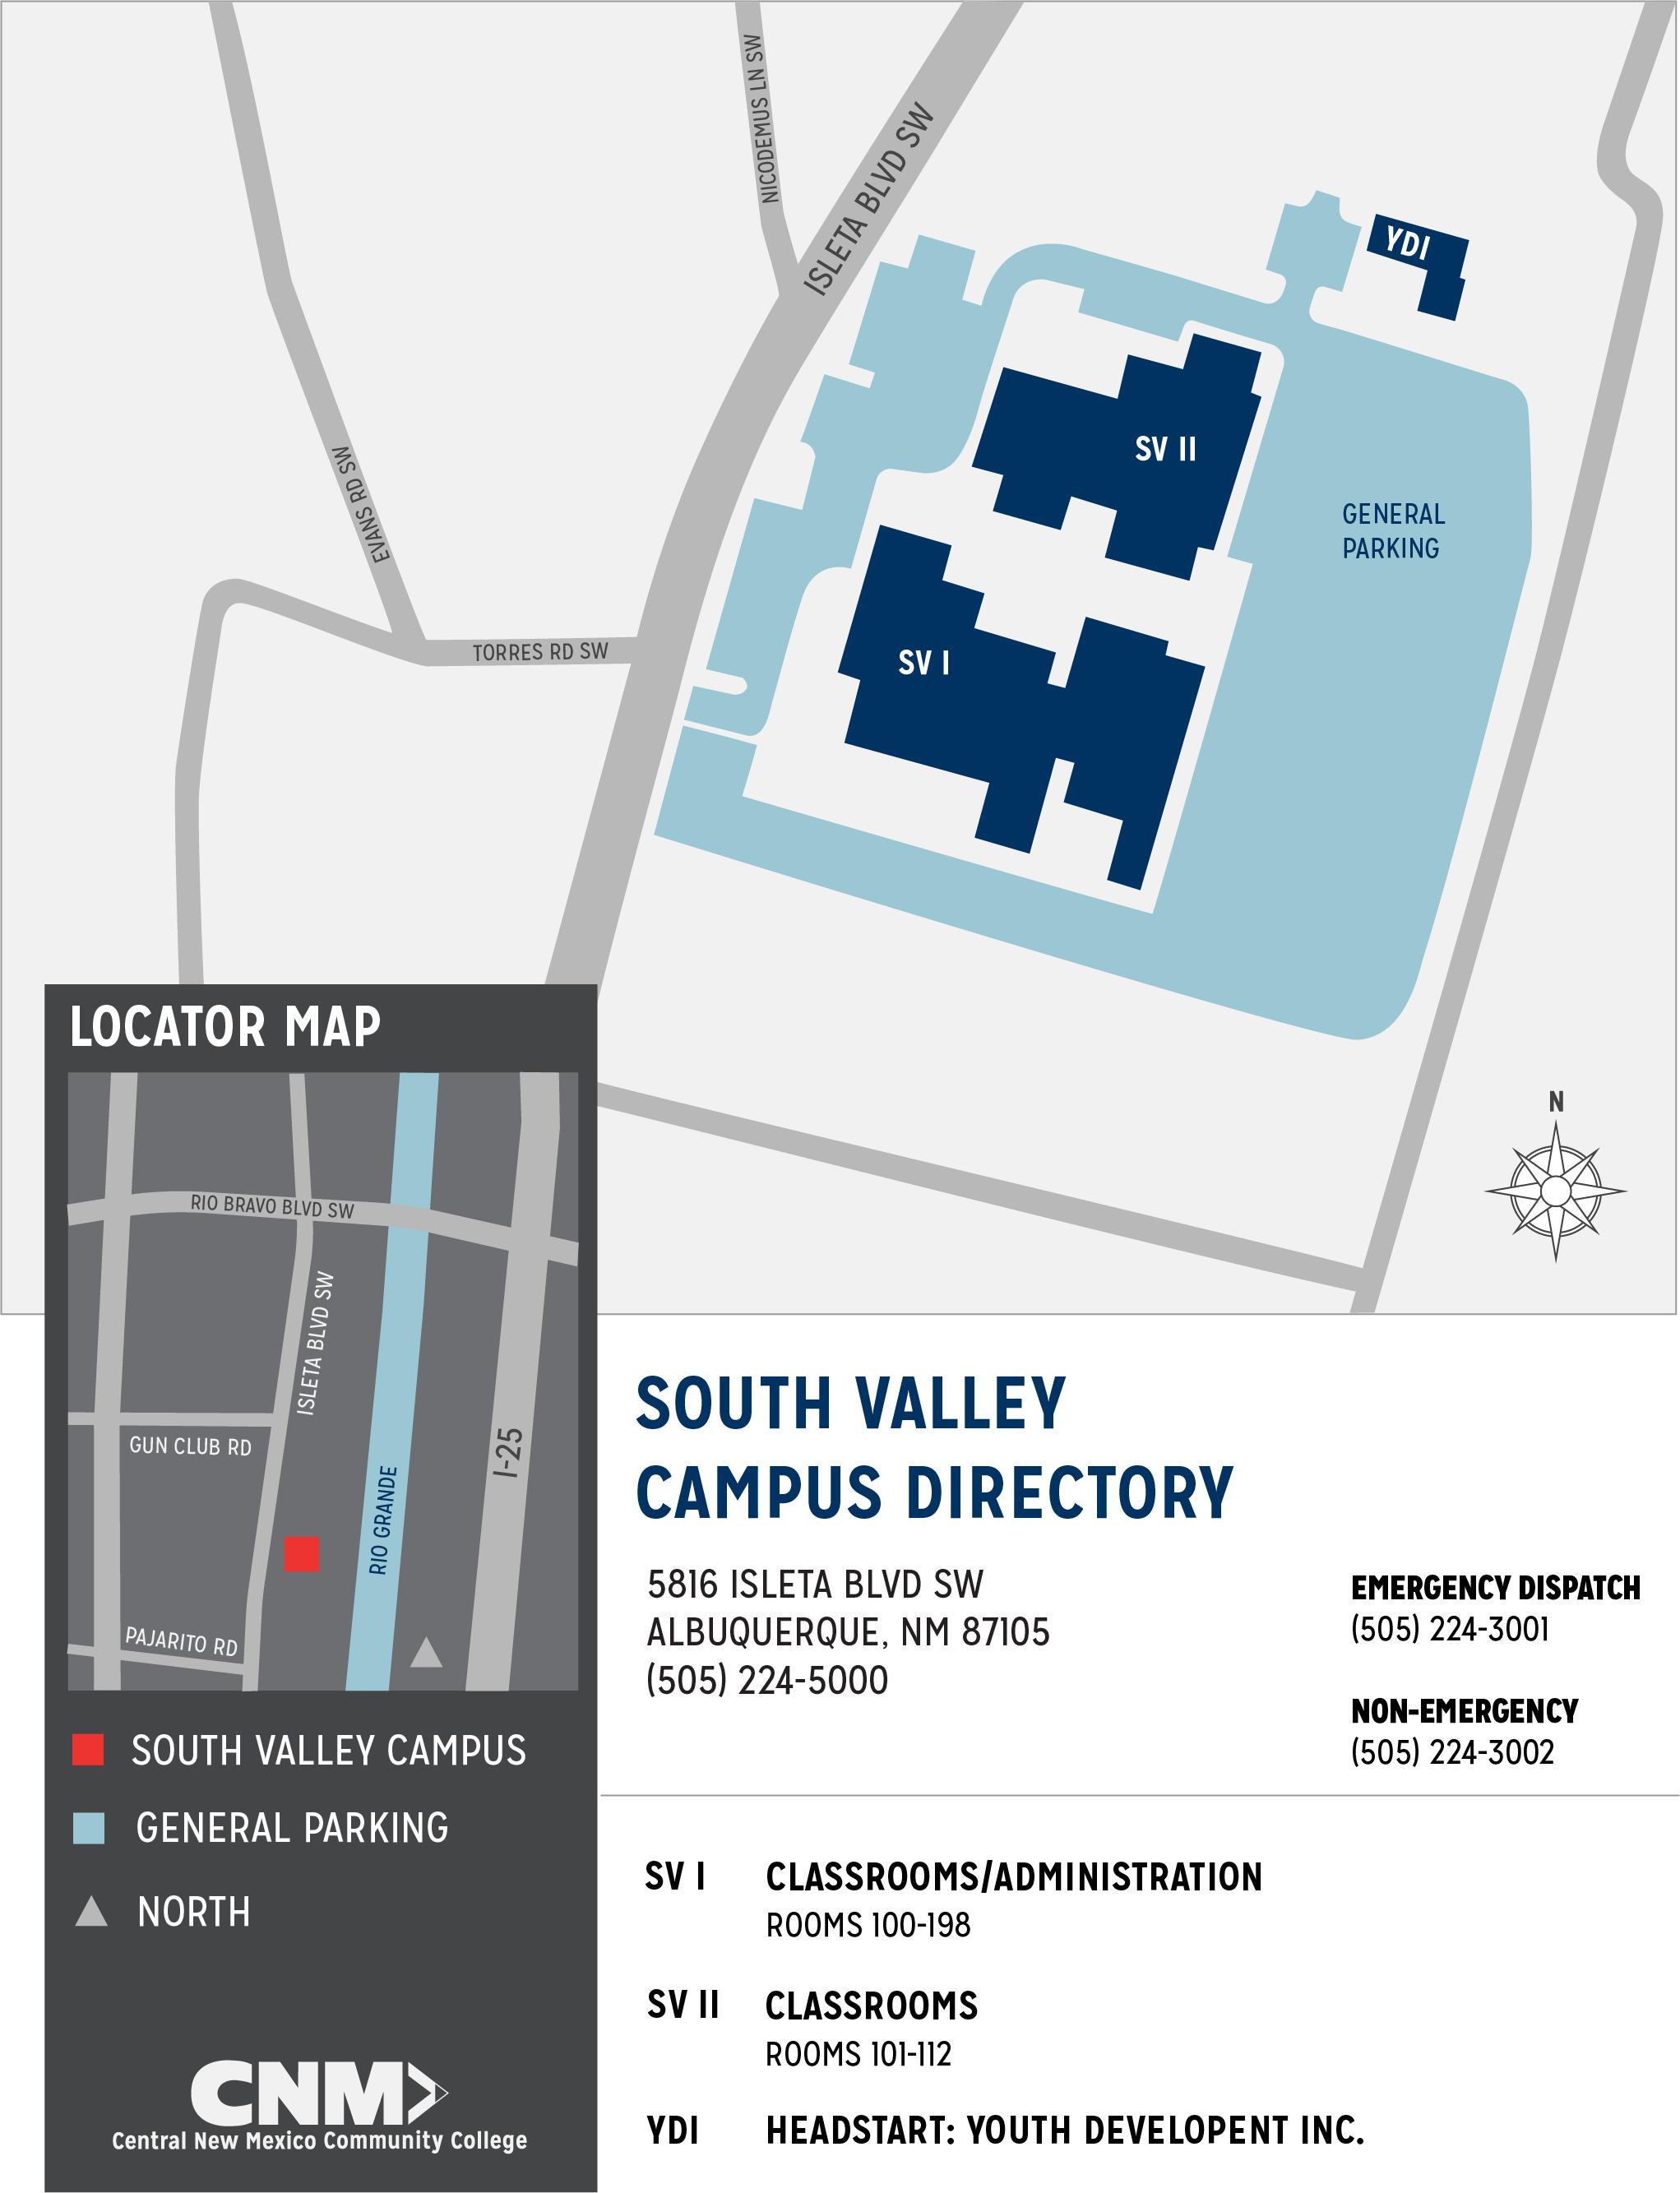 cnm rio rancho campus map South Valley Campus Map Cnm cnm rio rancho campus map